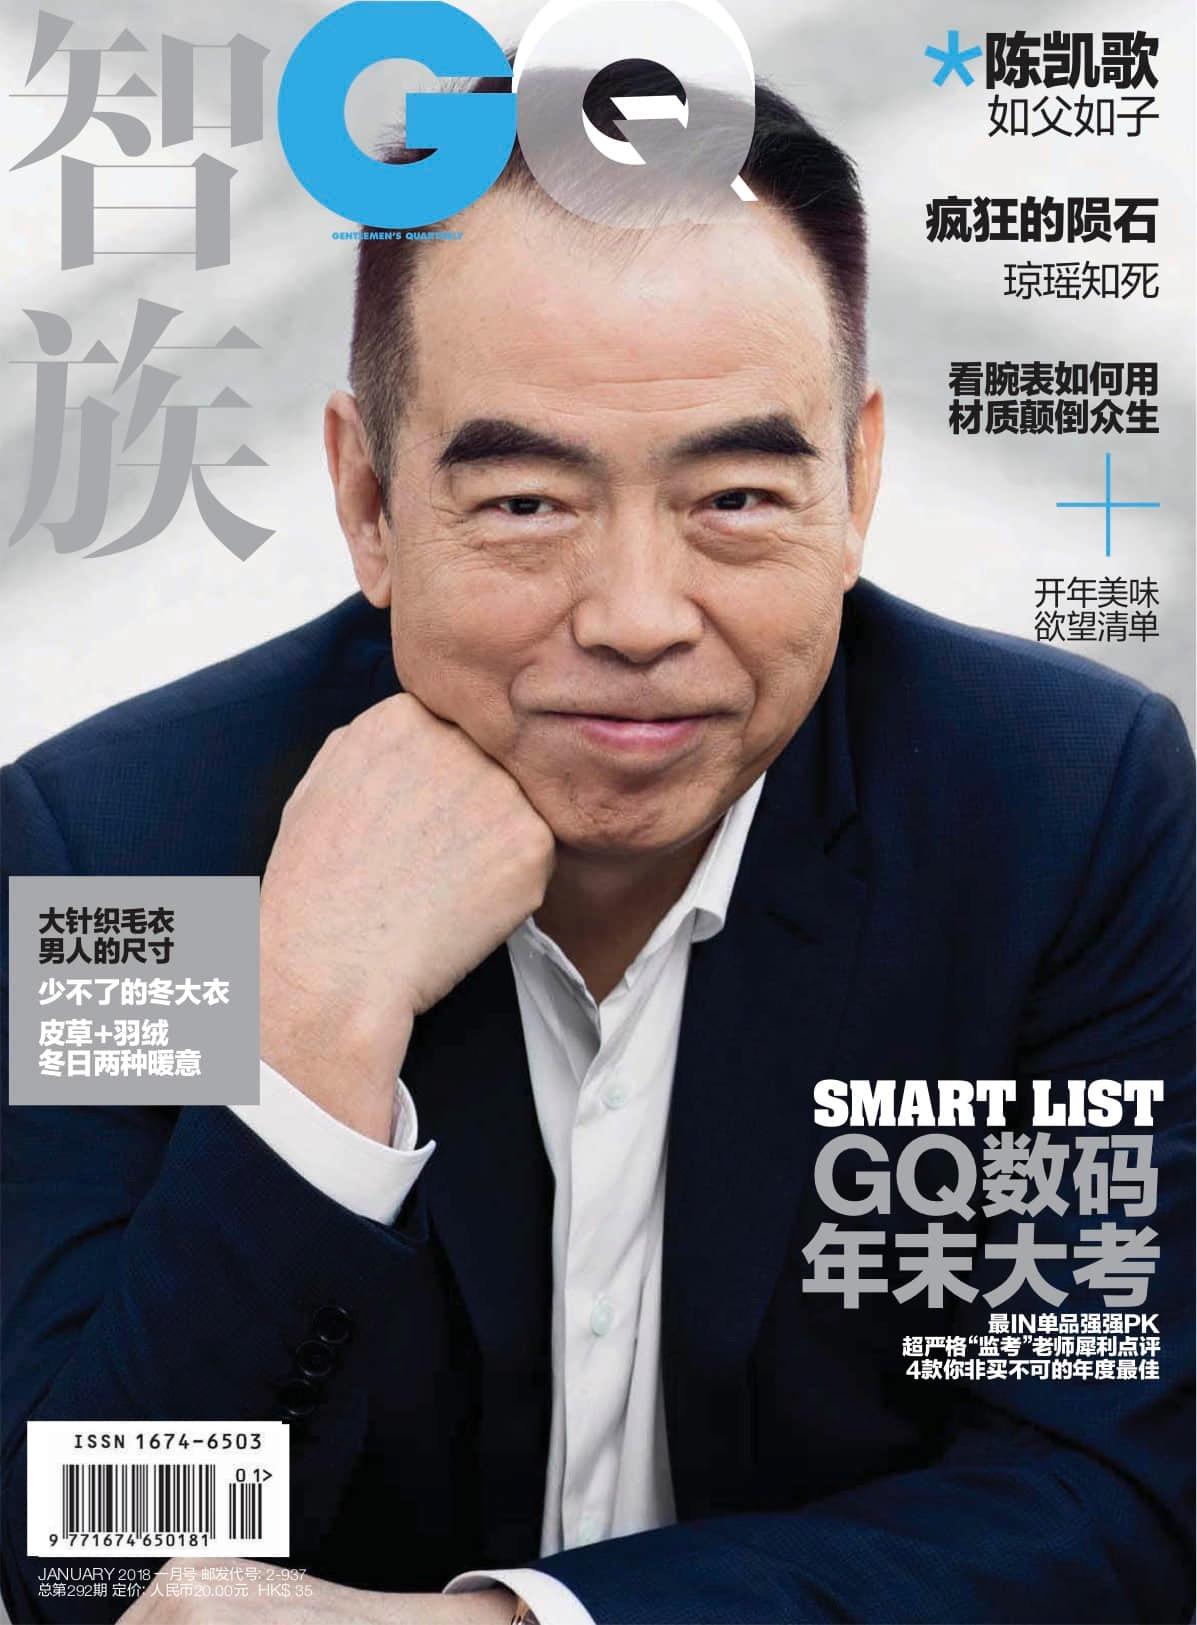 《智族GQ》2018年1月号 Cover